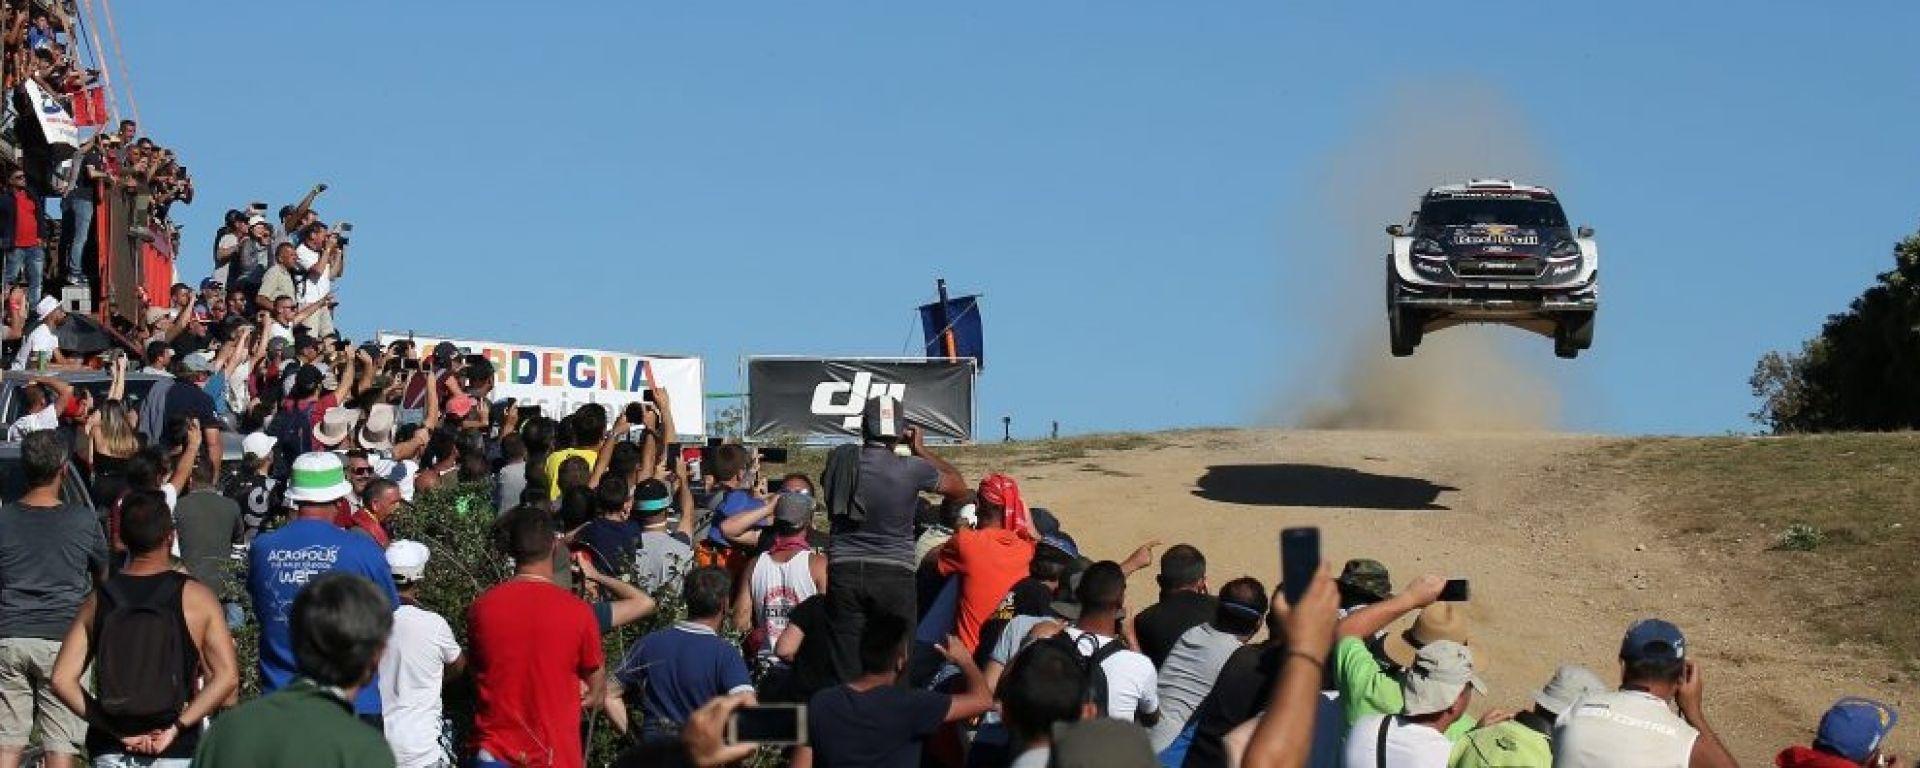 WRC 2018: impazza la lotta nel Rally Italia Sardegna. Ogier e Neuville se le danno